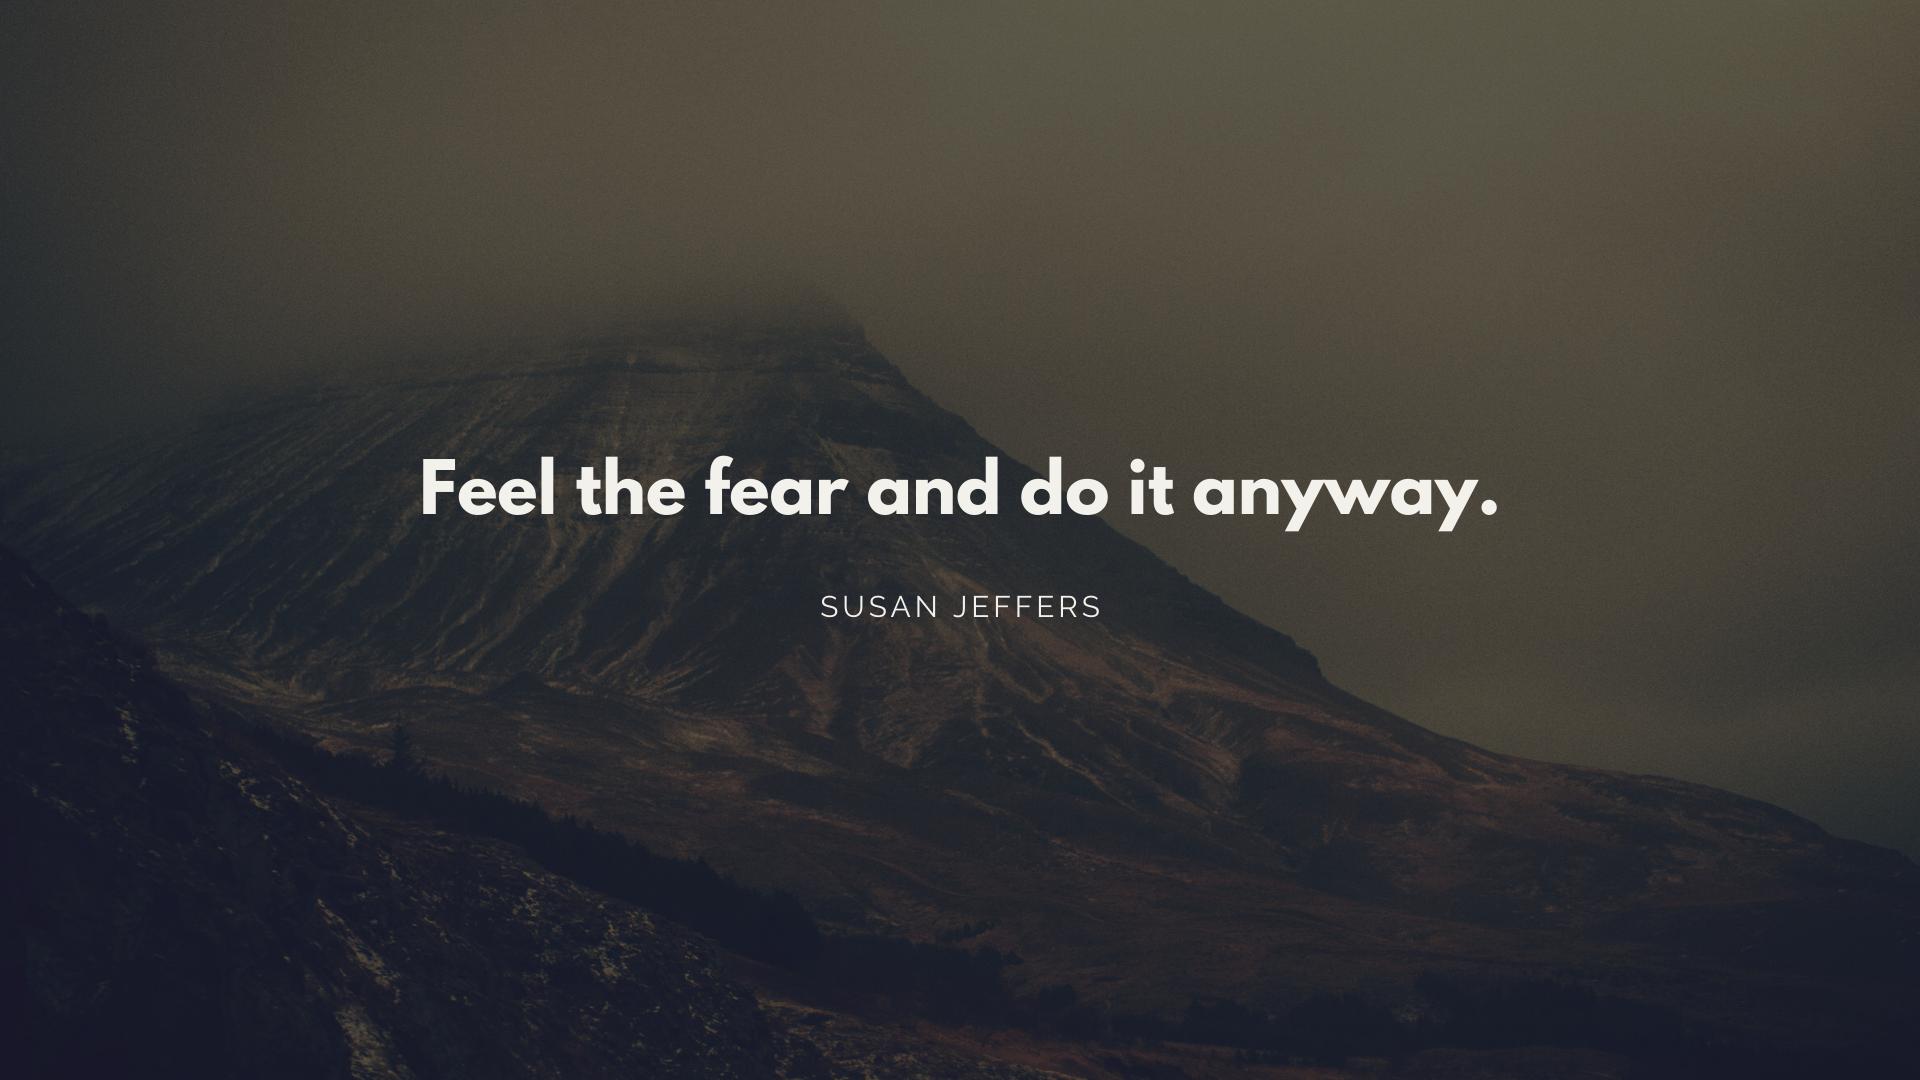 Best Quotes Desktop Wallpapers Motivational Quotes Wallpaper Wallpaper Quotes Best Quotes